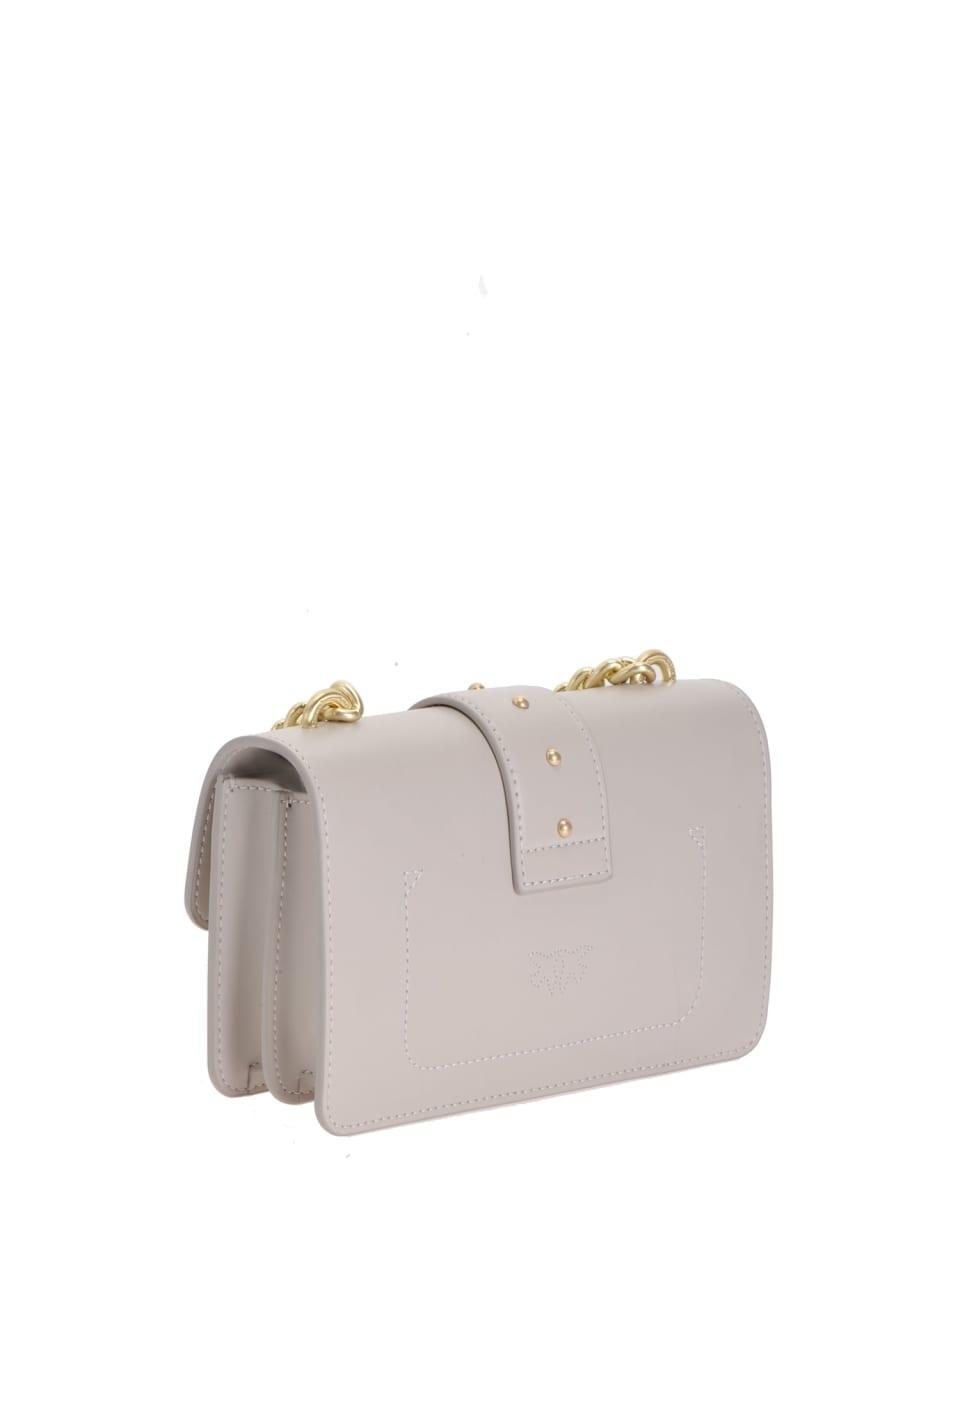 レザーのシンプルミニLOVEバッグ